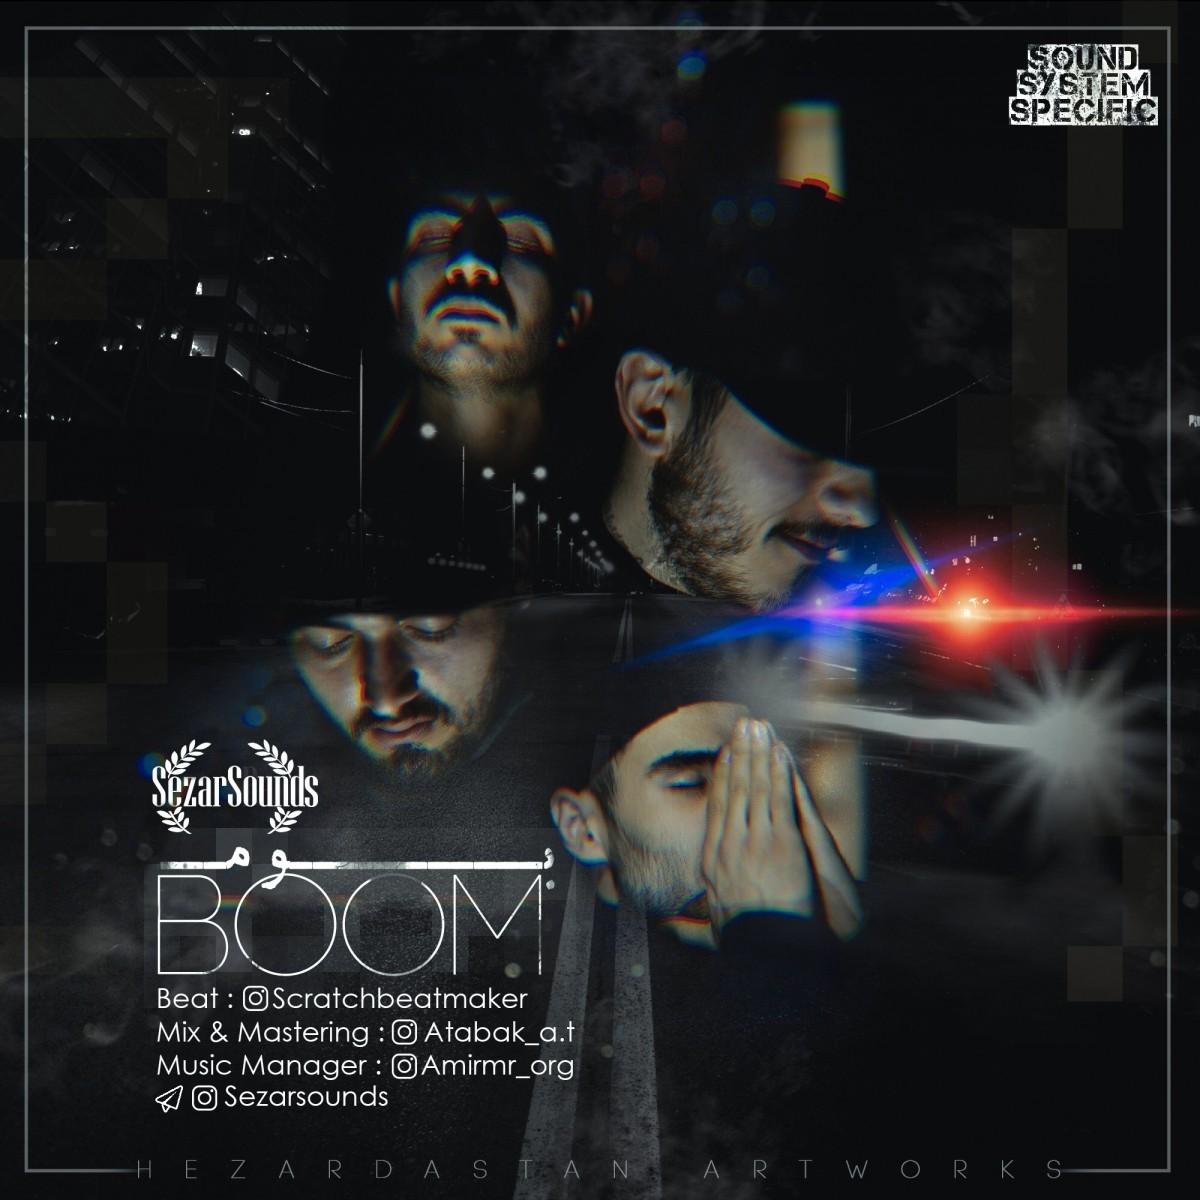 نامبر وان موزیک | دانلود آهنگ جدید Sezarsounds-Boom